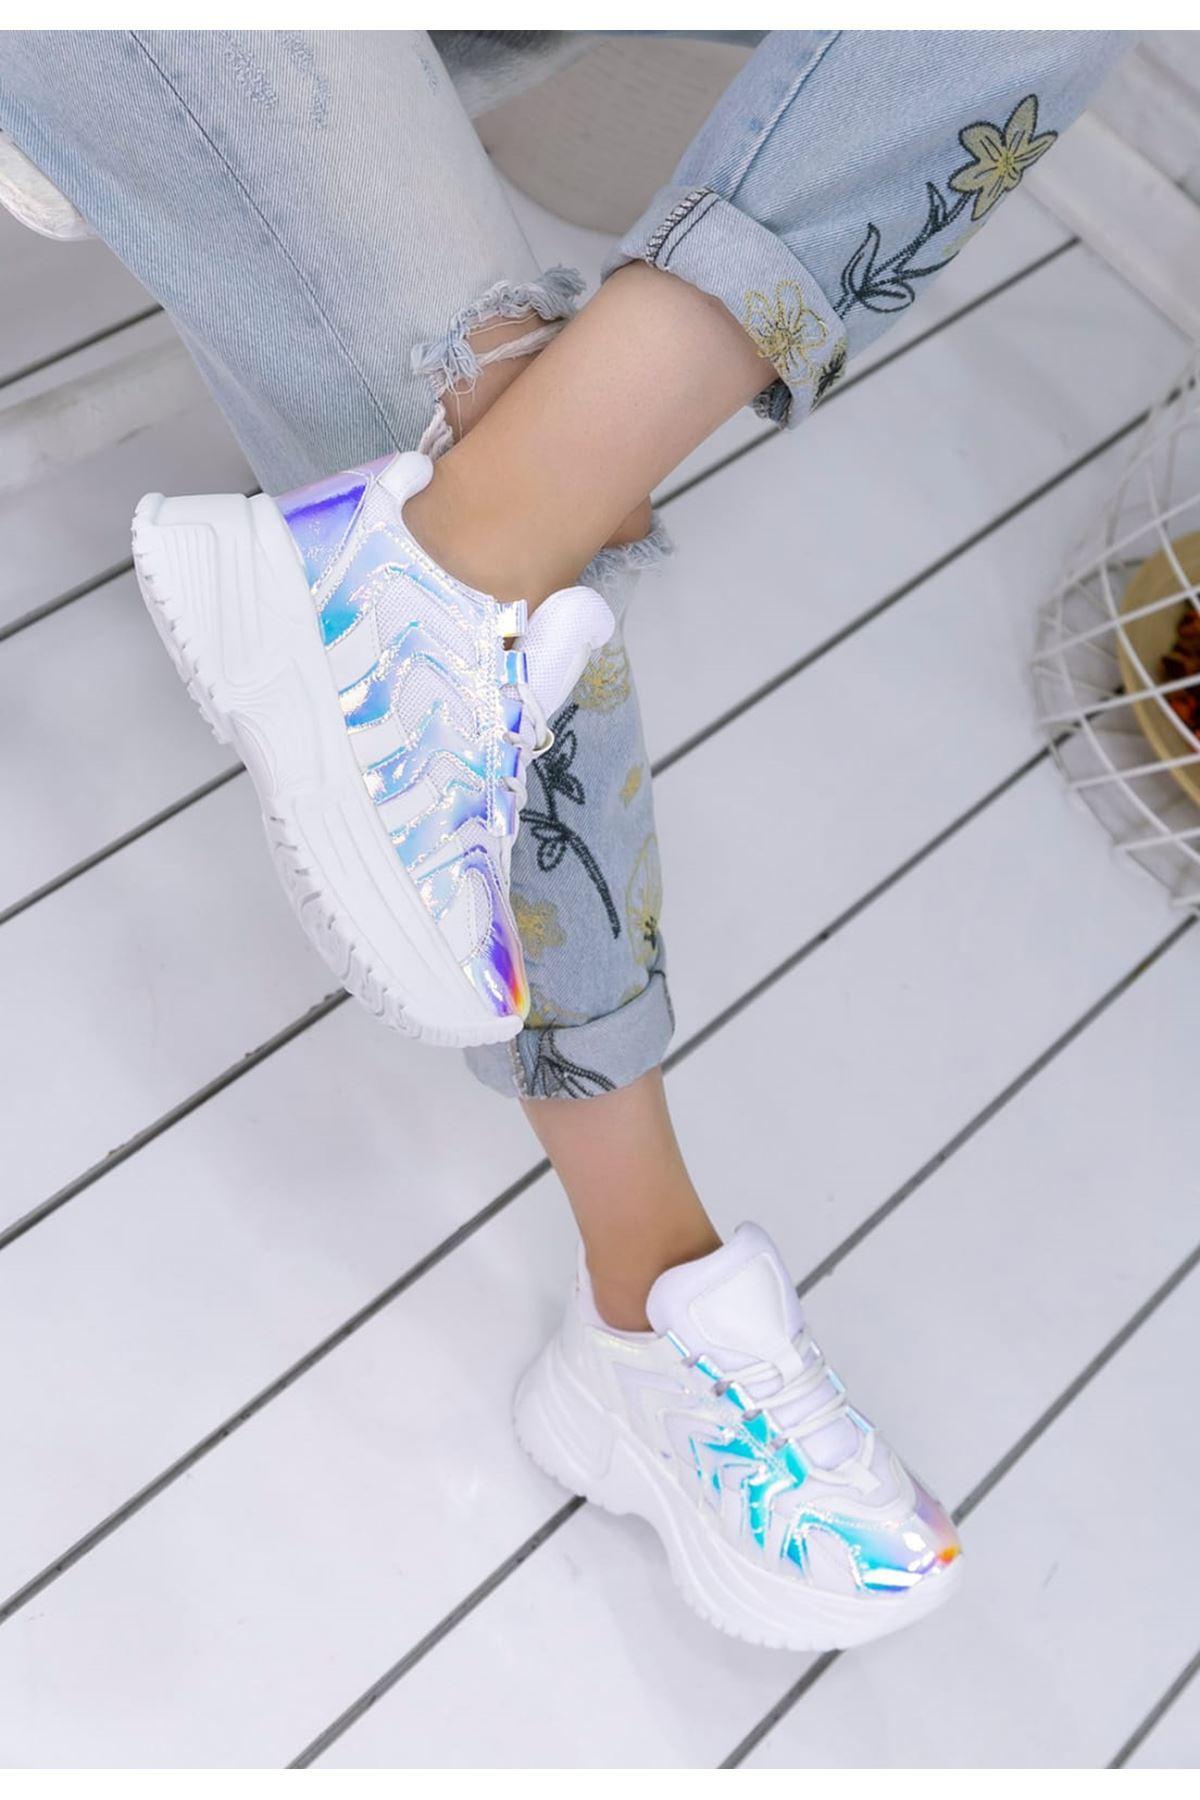 Milo Beyaz Hologram Bağcık Detaylı Kadın Spor Ayakkabı